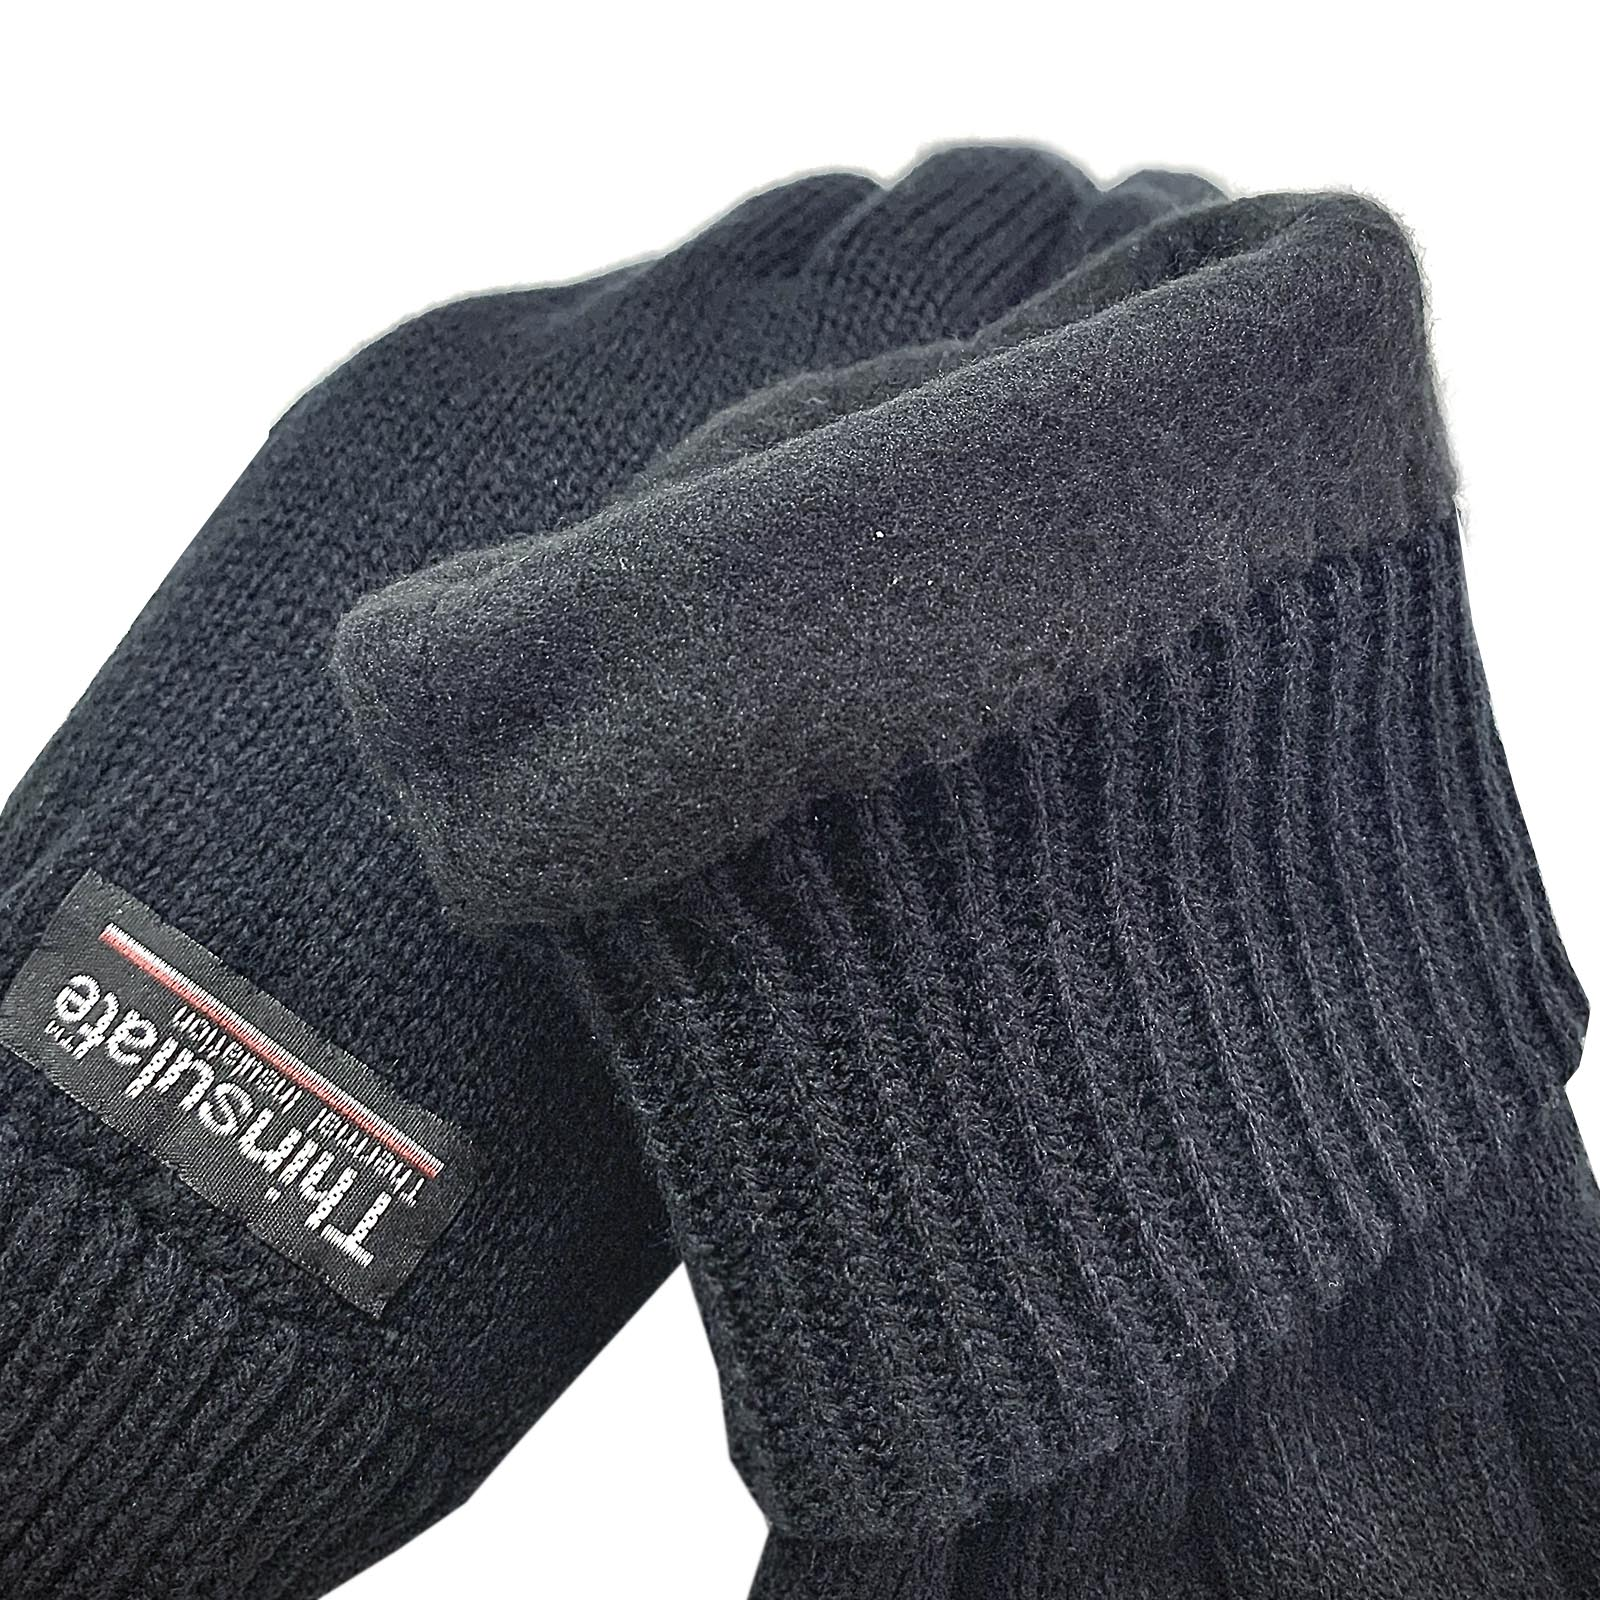 Аннулированный заказ бренда Thinsulate с флисовой подкладкой на фабрике третьей страны,не успели с отгрузкой